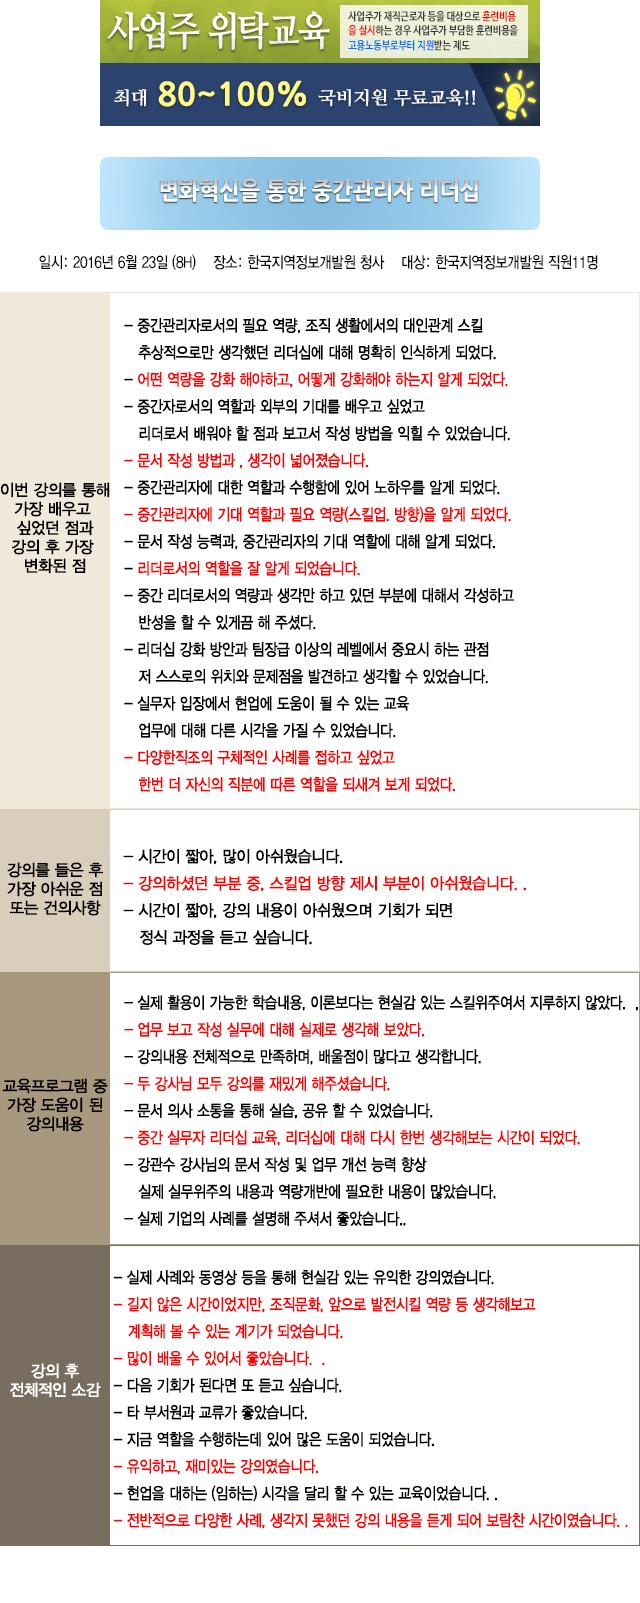 2016023_한국지역정보개발원 후기.jpg